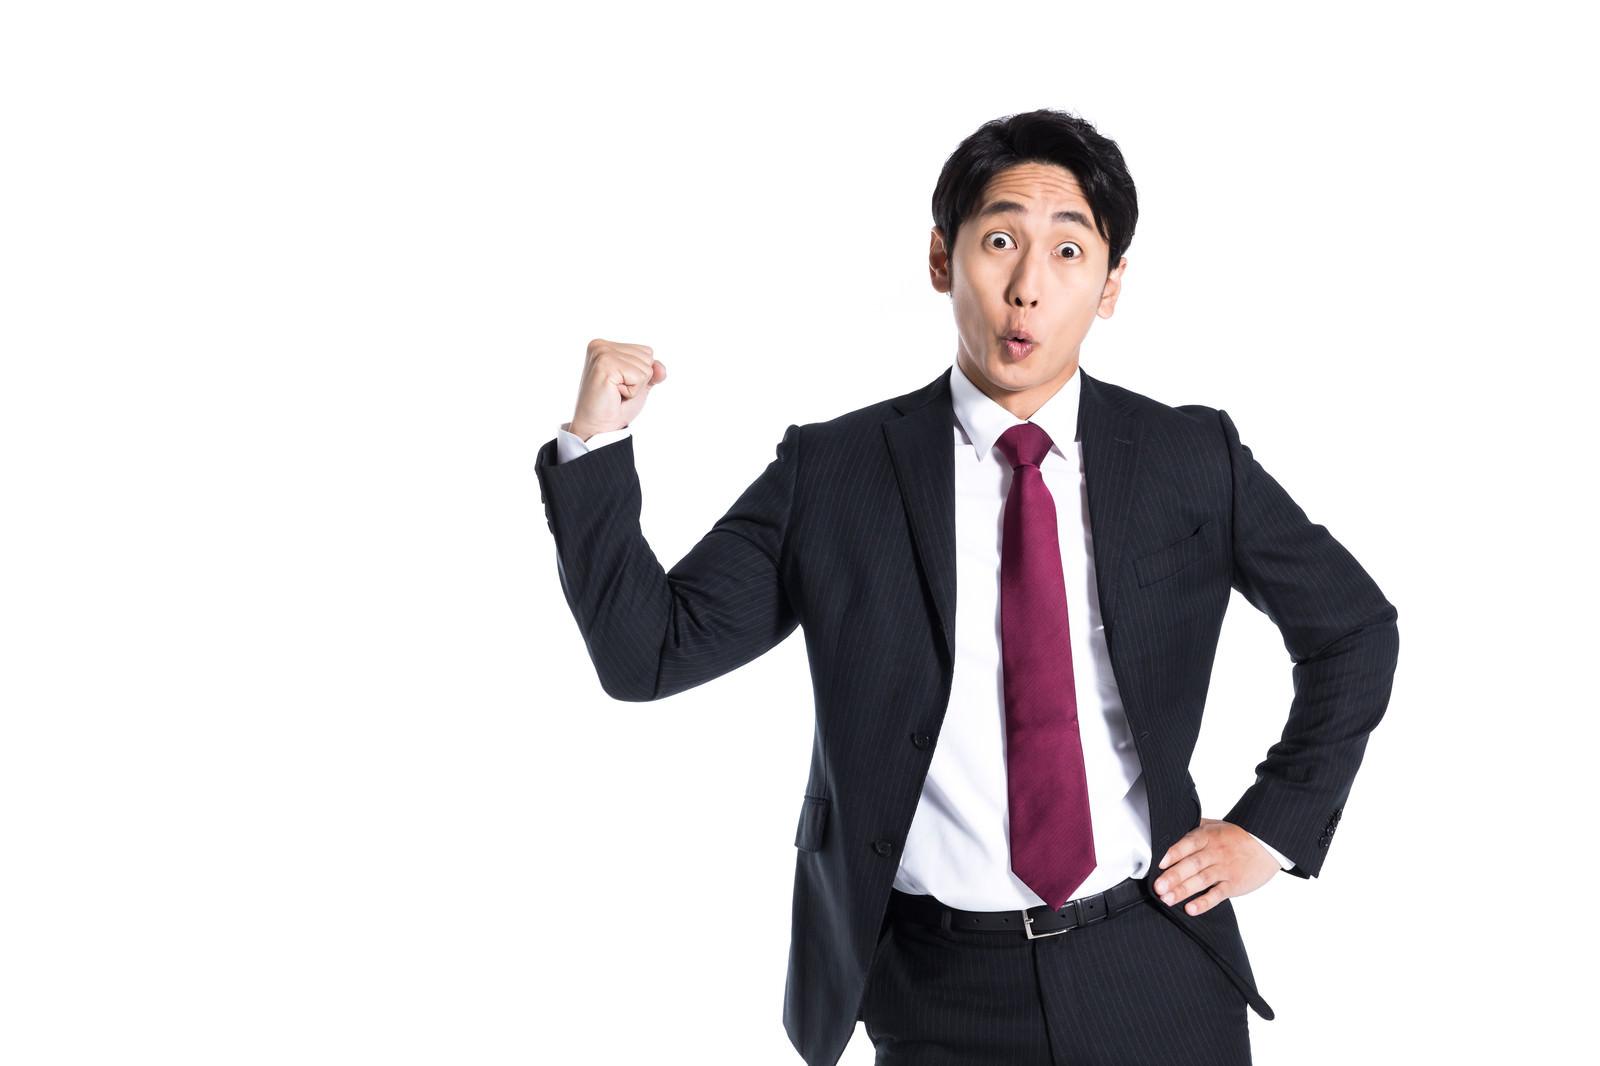 「ガッツポーズで社員の士気を高める上司」の写真[モデル:大川竜弥]